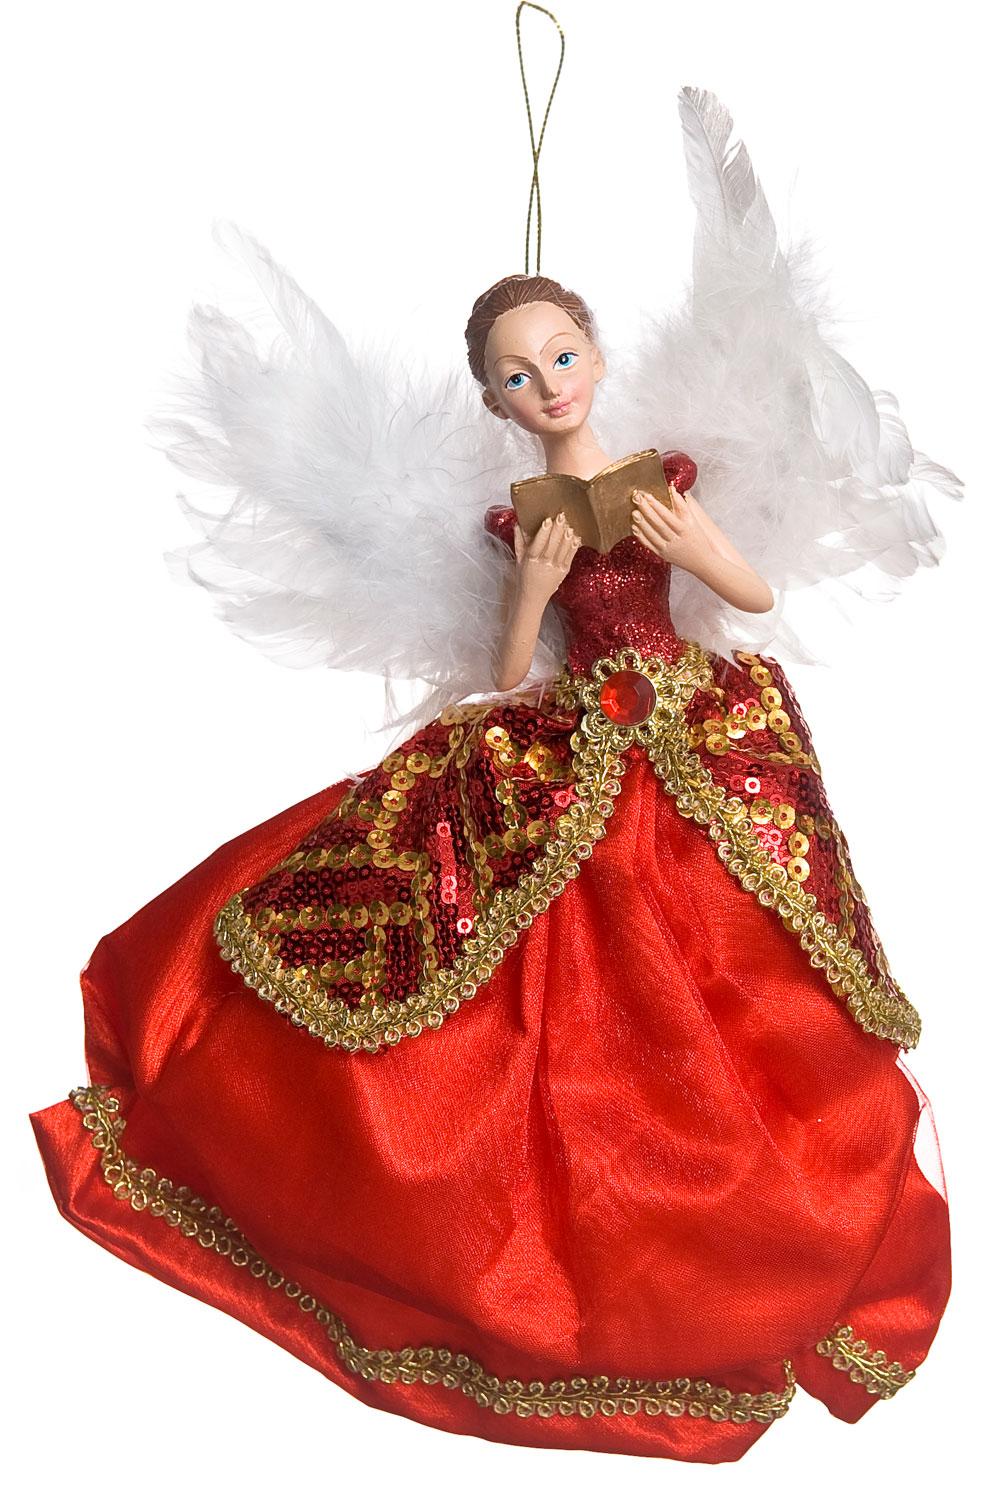 Новогоднее подвесное украшение Its a Happy Day Ангел Рождества, цвет: красный, белый, золотой, 23 х 5 х 22 см67510Новогоднее подвесное украшение Its a Happy Day Ангел Рождества выполнено из высококачественного полирезина и полиэстера в форме ангелочка с книгой в руках. С помощью специальной петельки украшение можно повесить в любом понравившемся вам месте. Но, конечно, удачнее всего оно будет смотреться на праздничной елке.